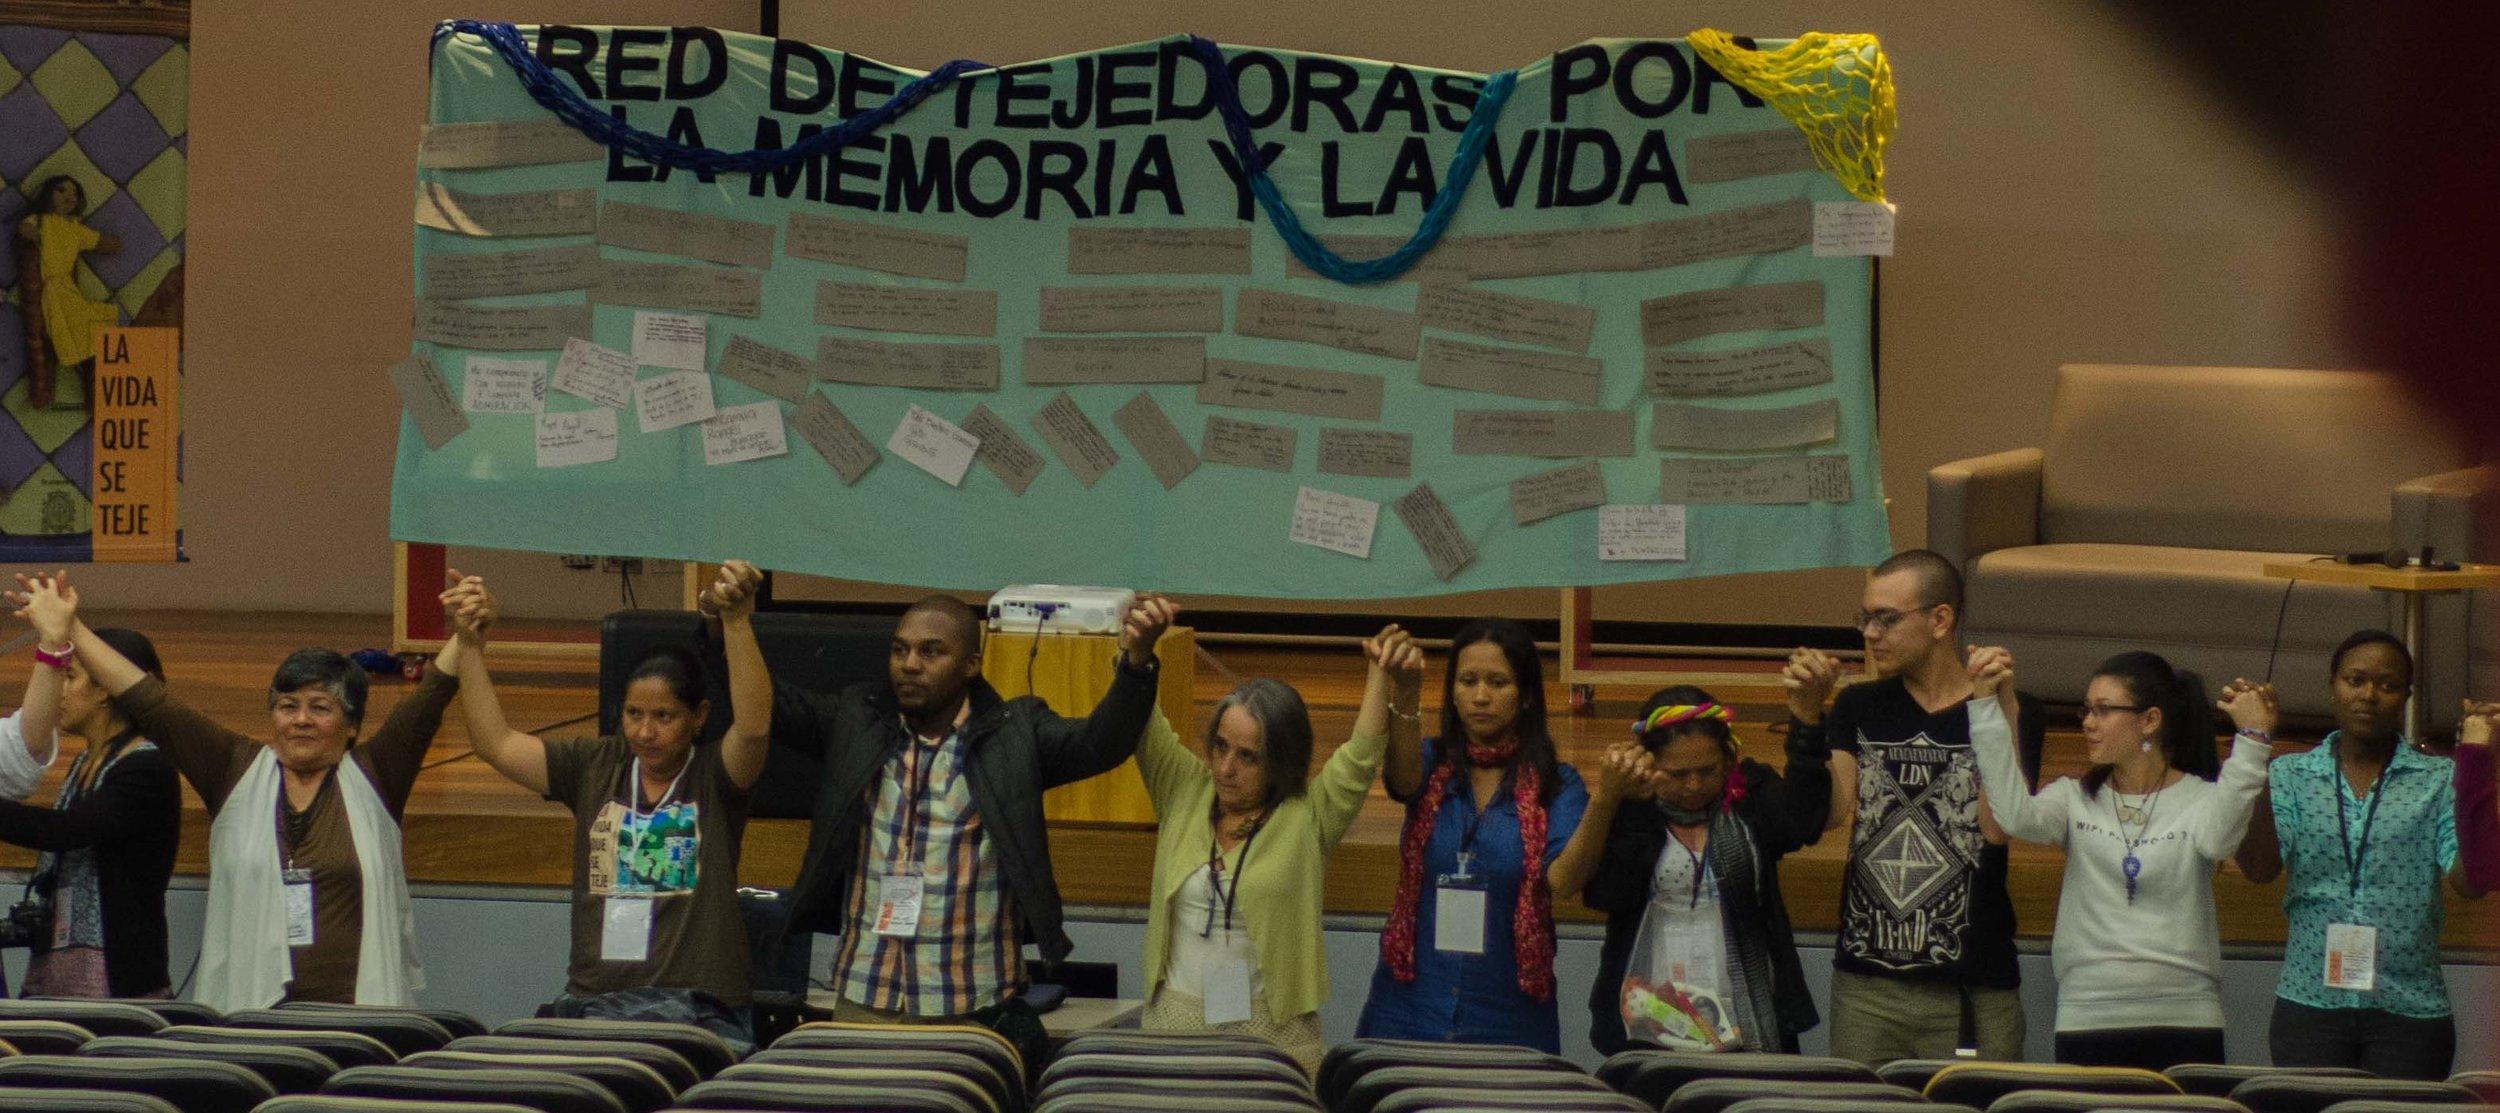 Algunos representantes de los costureros regionales, reunidos en Medellín para conformar la Red de Tejedoras por la Memoria y la Vida. Foto de Sara Castillejos, Focos Narrativos.